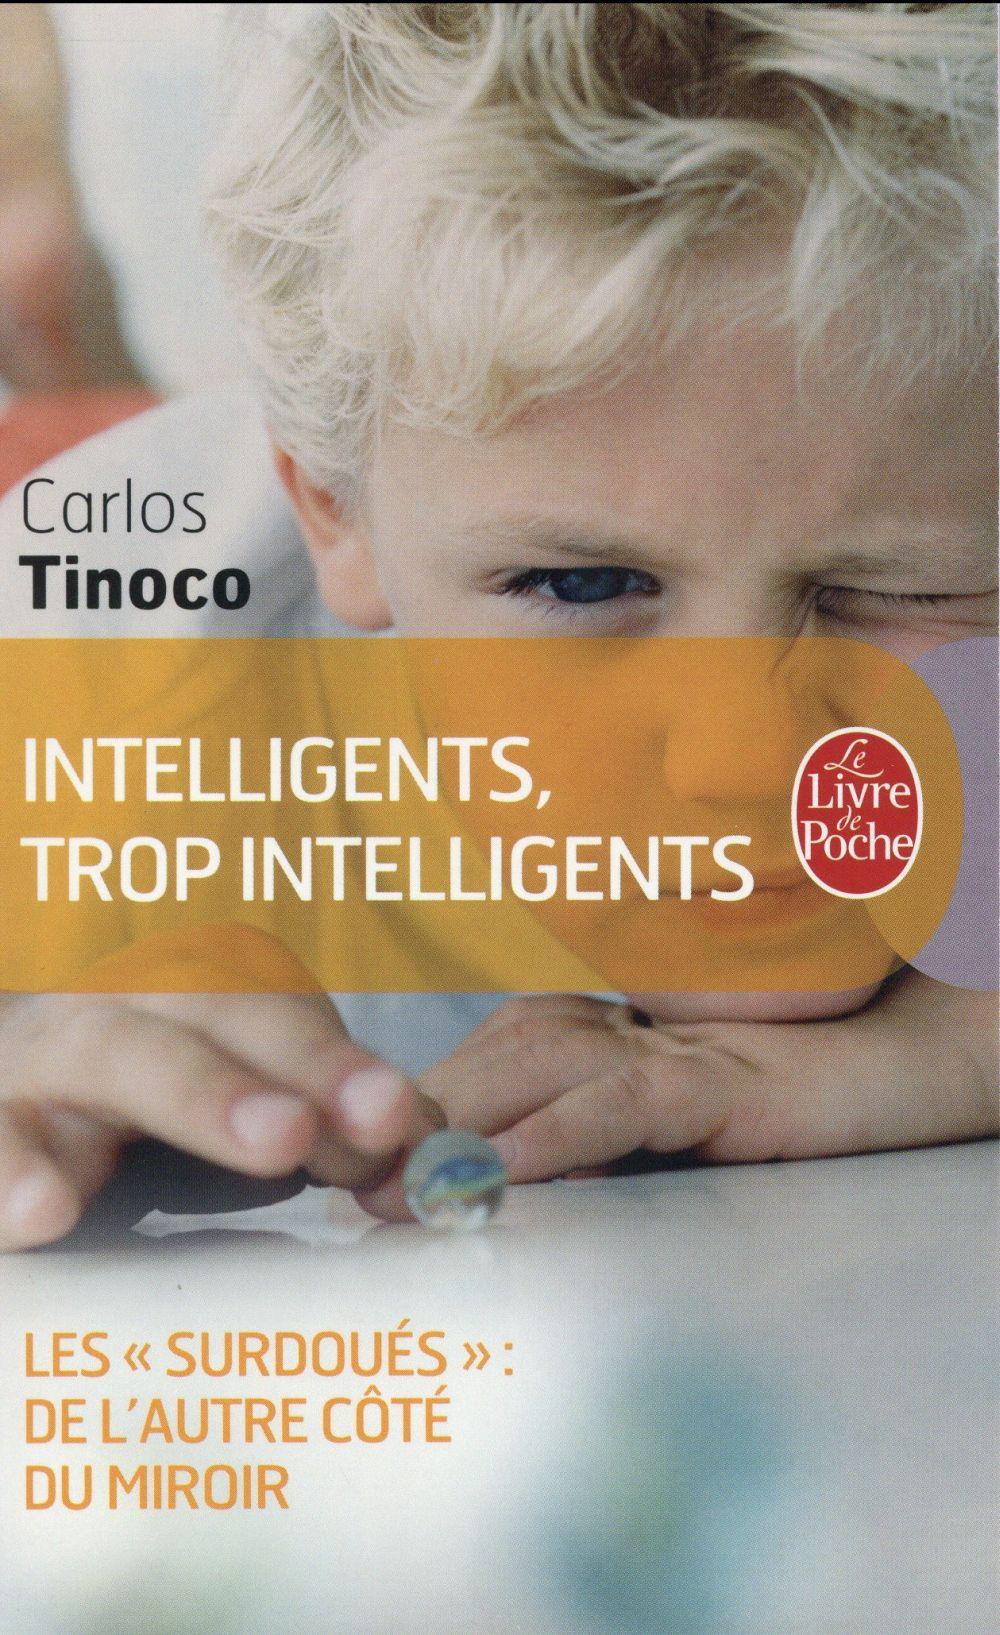 INTELLIGENTS, TROP INTELLIGENTS - LES SURDOUES, DE L'AUTRE COTE DU MIROIR